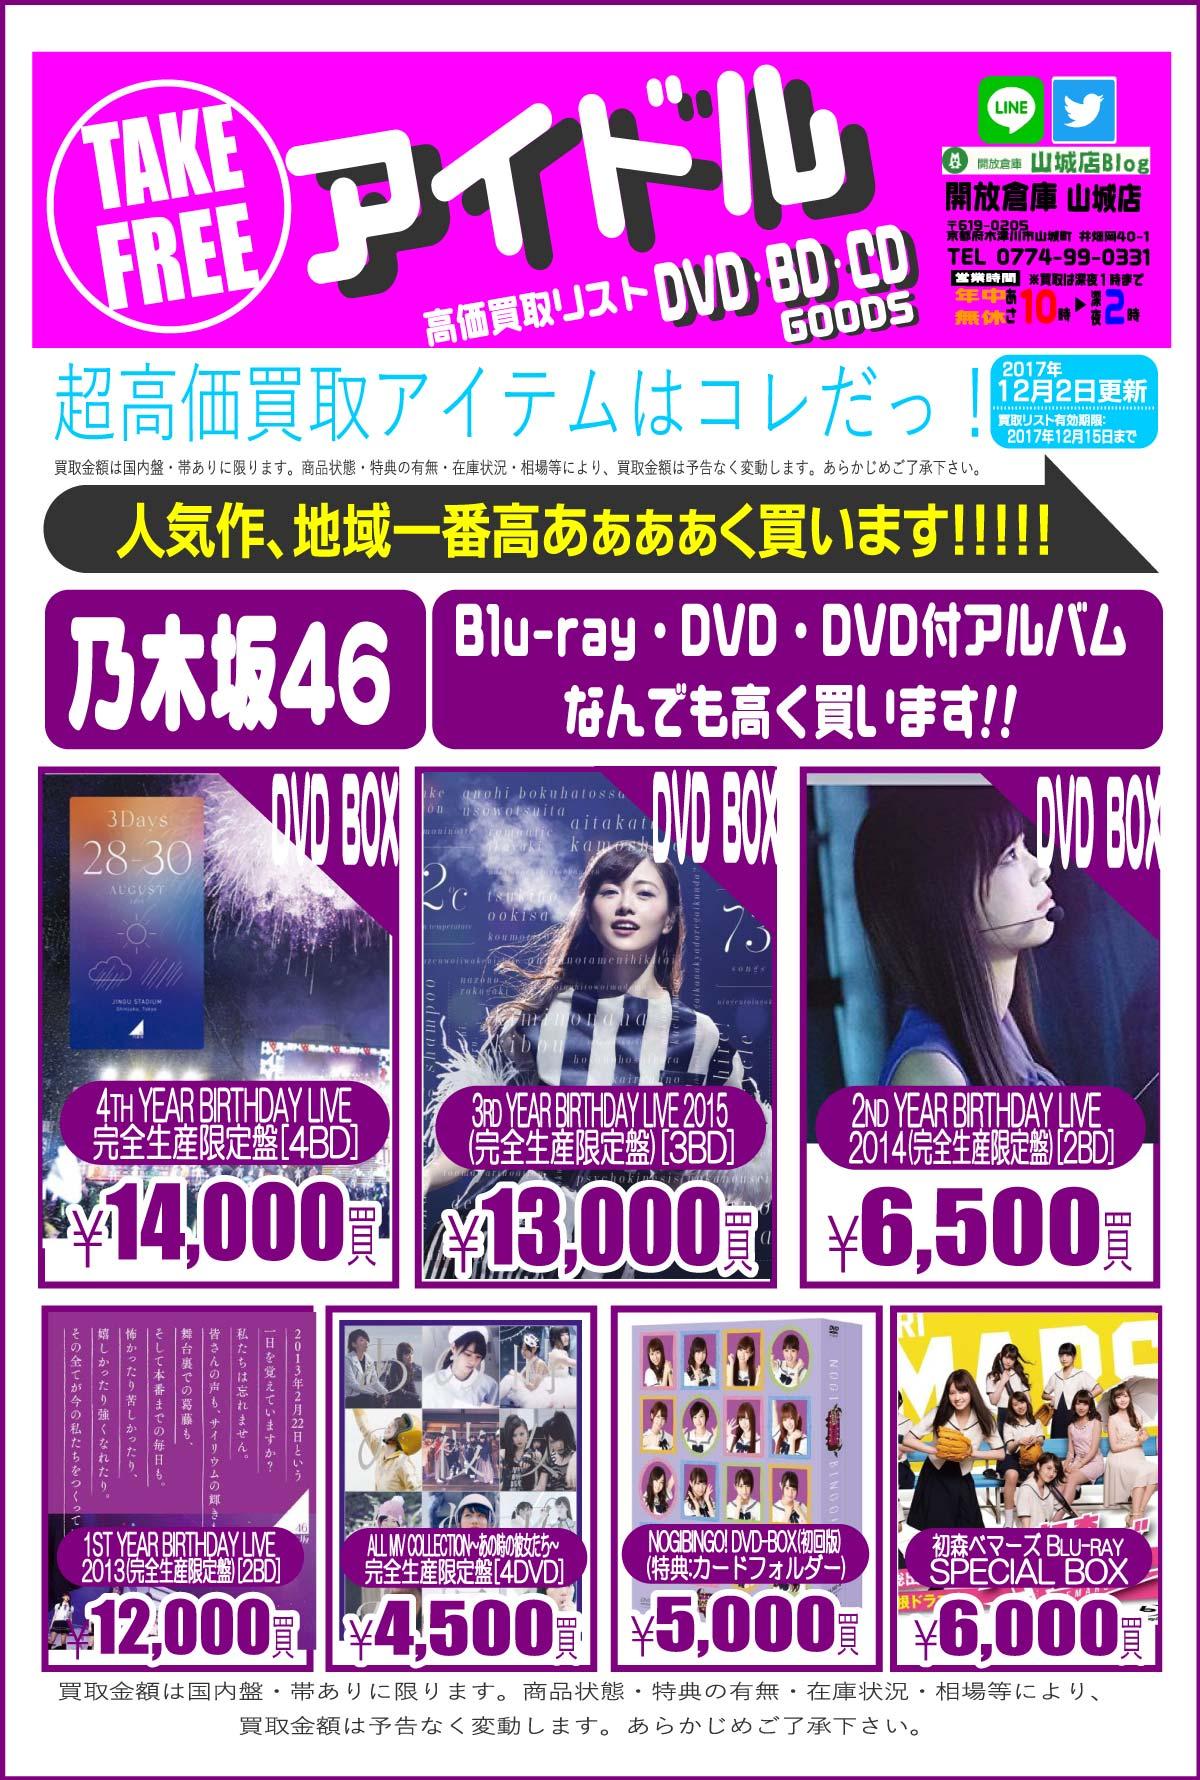 「開放倉庫山城店」CDコーナー<アイドルDVD・BD・CD・GOODS高価買取リスト>乃木坂46、Blu-ray・DVD・DVD付きアルバムなんでも高く買います!!